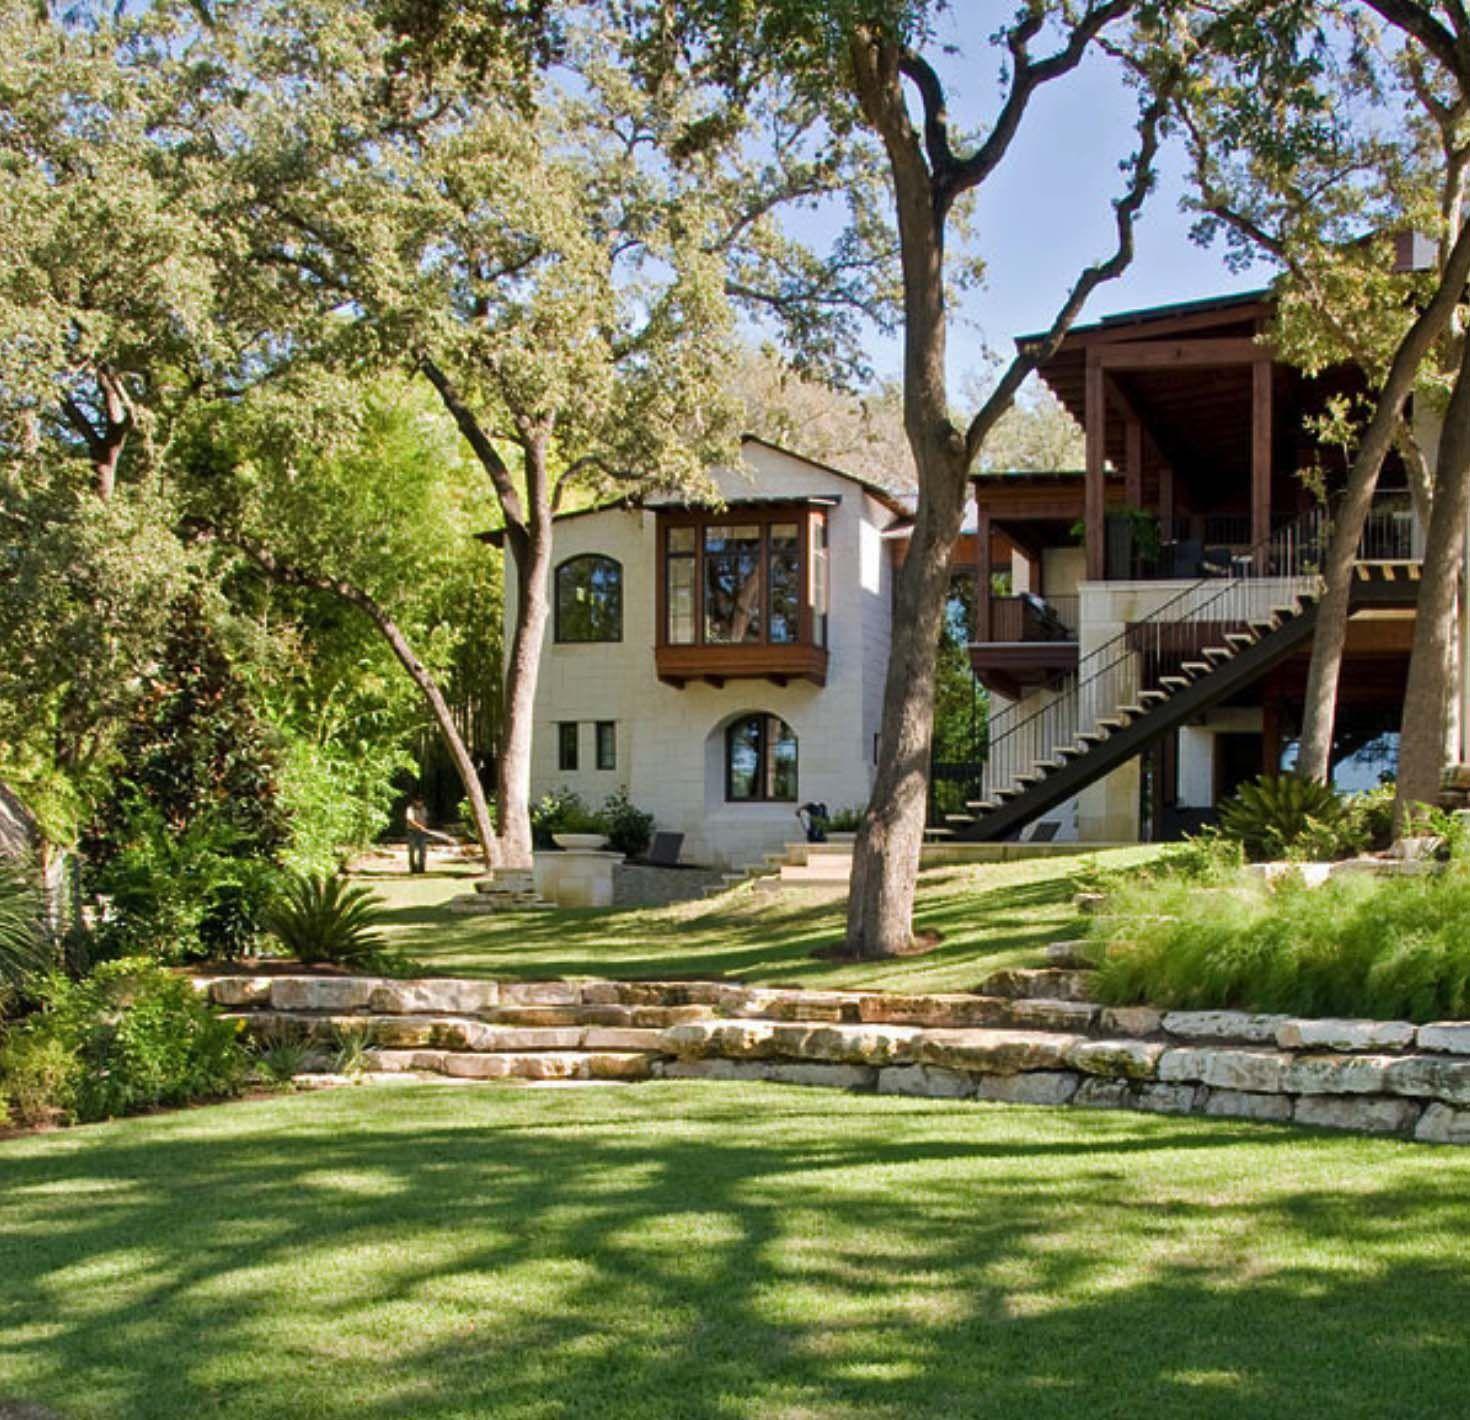 Beautiful Lake House Decor Inspiration: Stunning Rustic Modern Home Nestled On Beautiful Lake